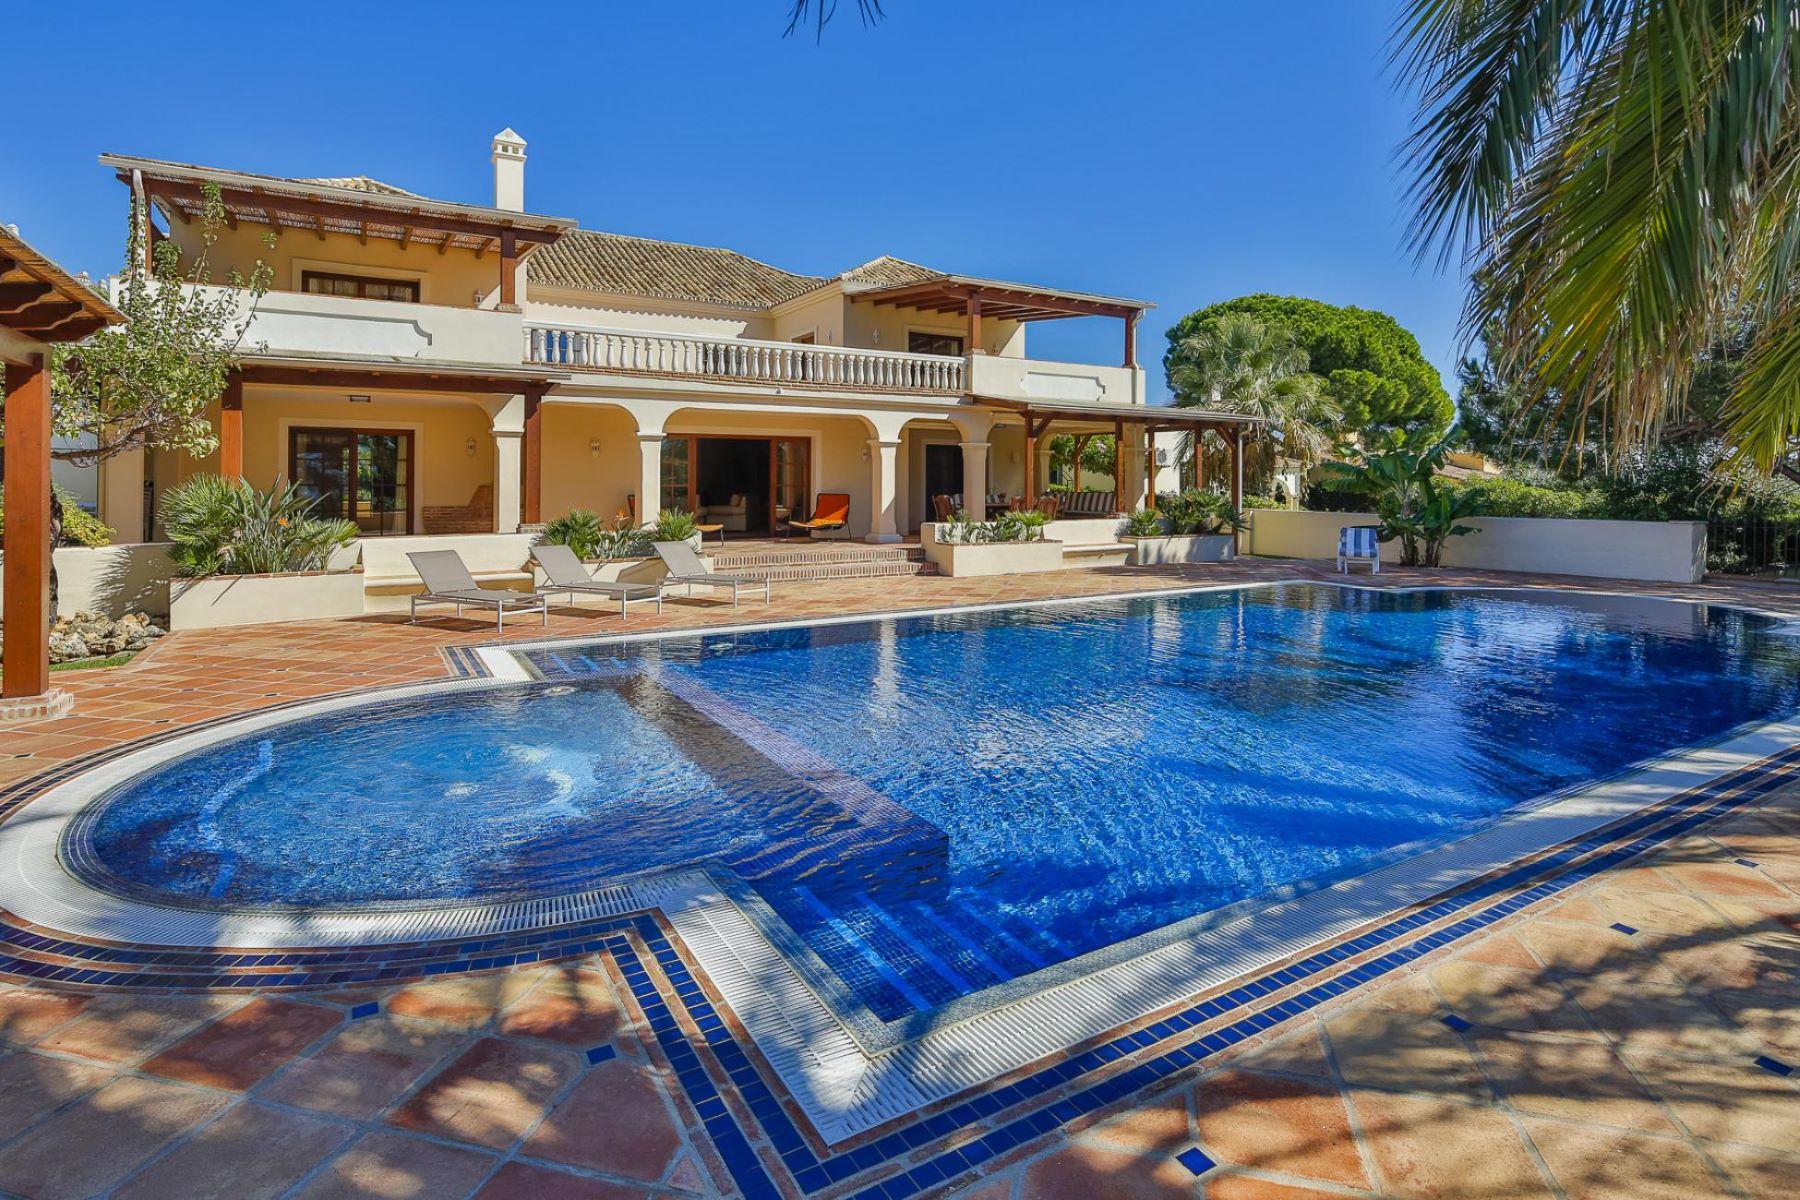 Maison unifamiliale pour l Vente à Large villa walking distance to the beach Marbella, Andalousie, Espagne